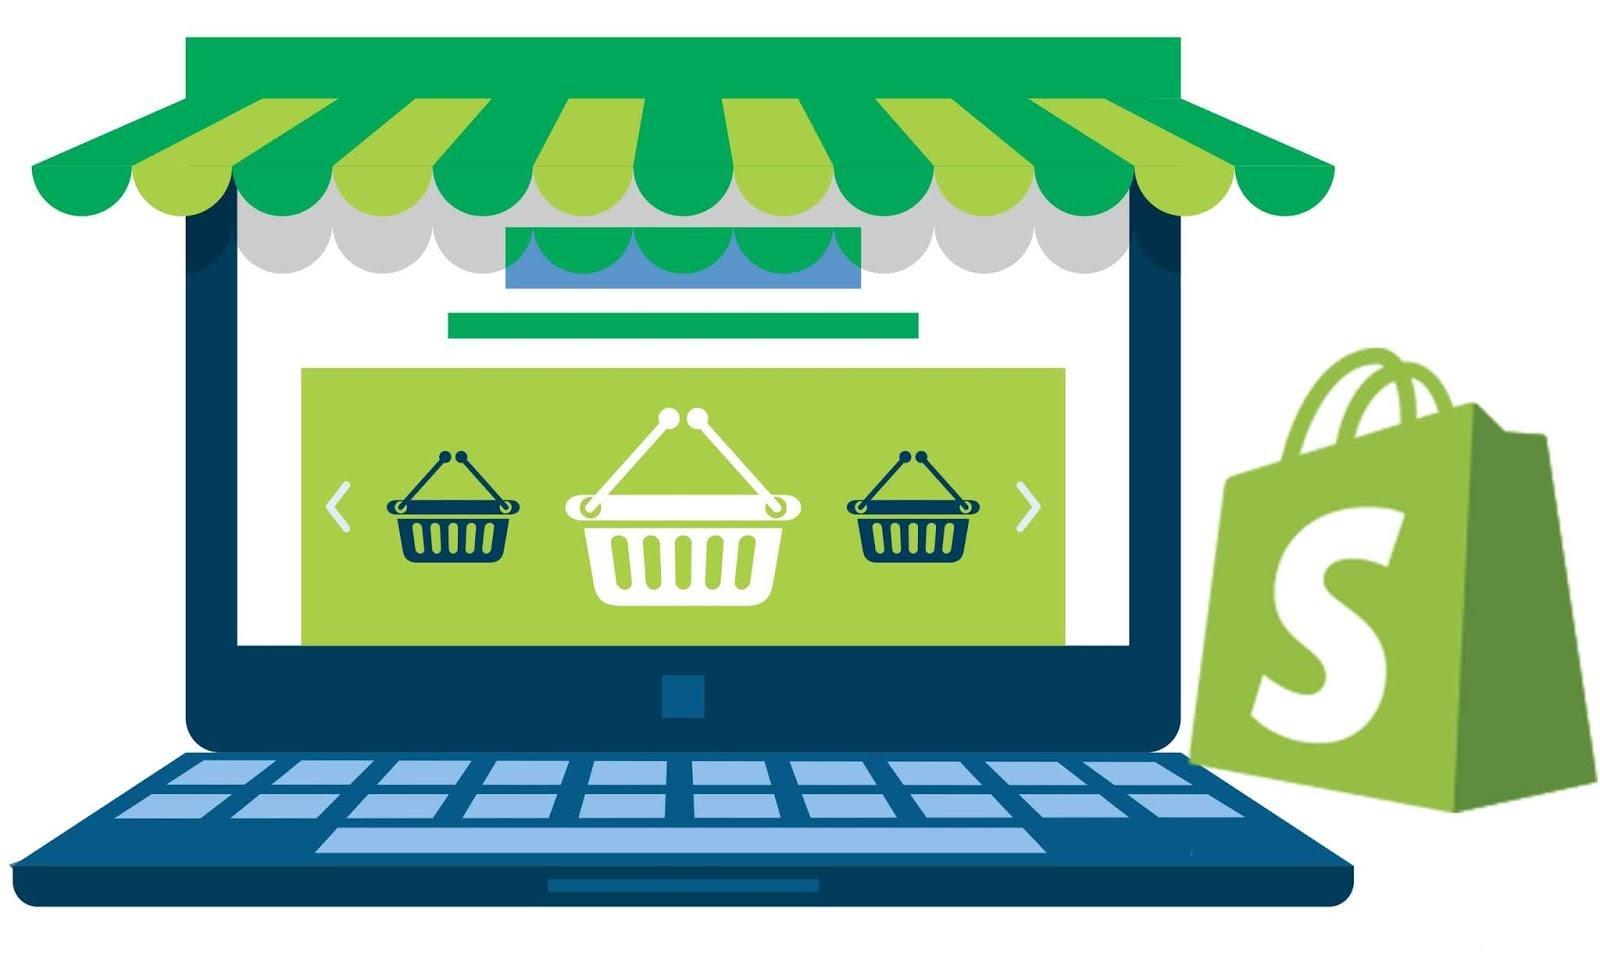 benefit of Shopify vs Shopify Plus